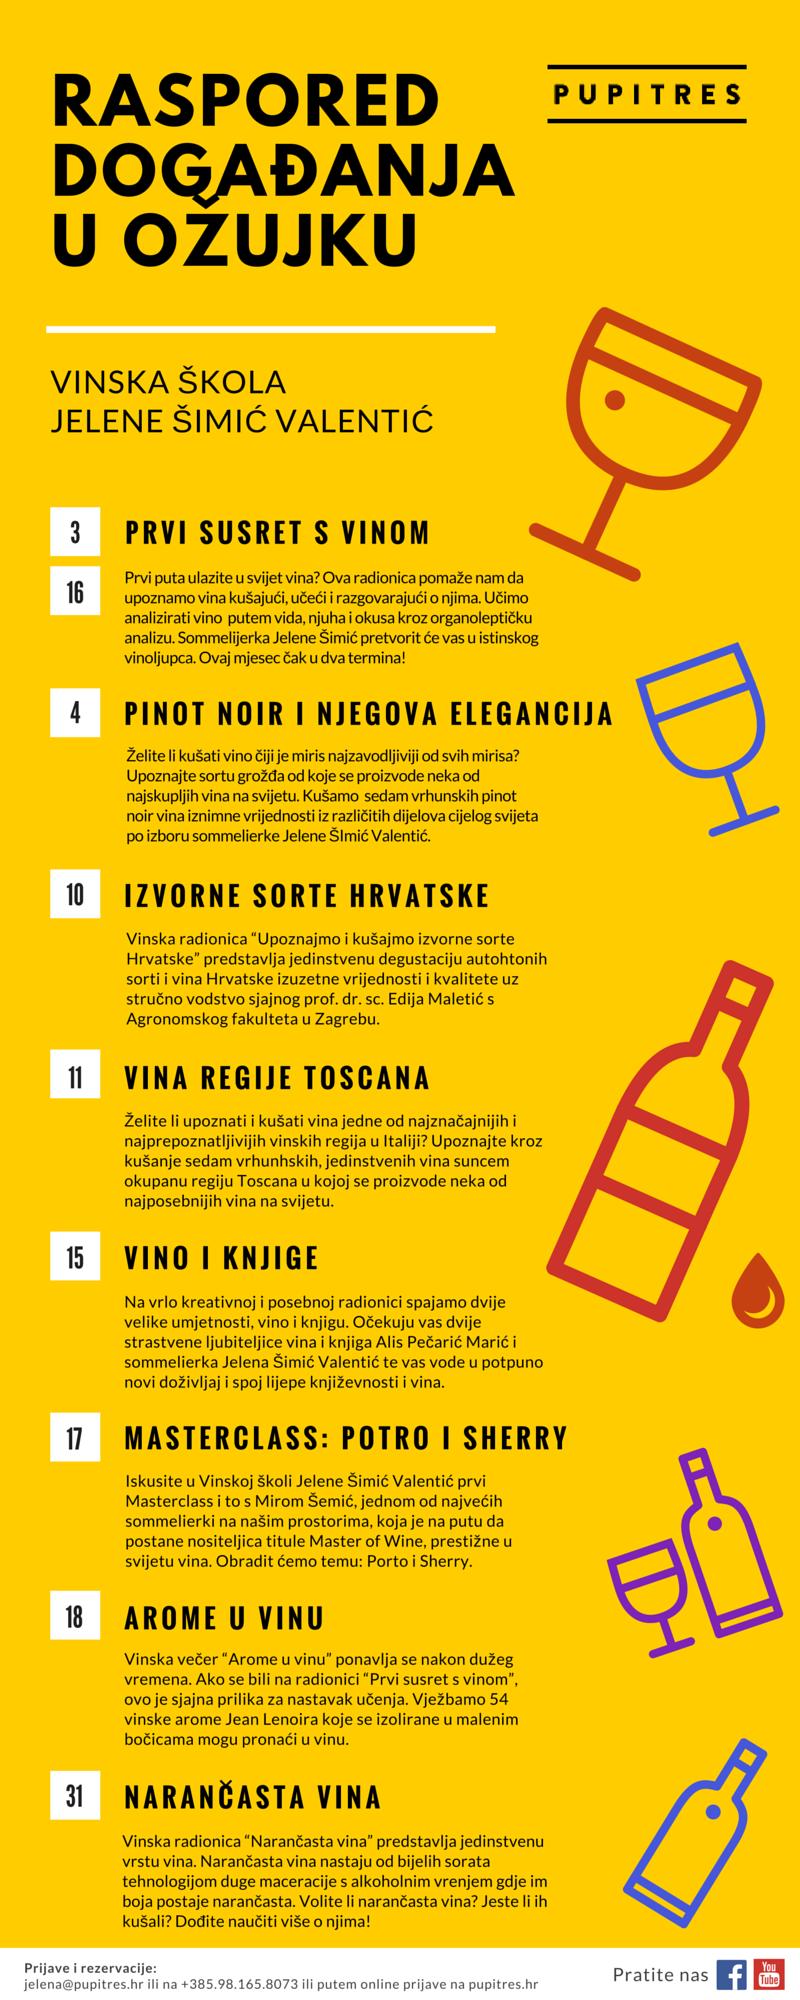 Vinska škola Jelene Šimić Valentić raspored događanja u ožujku